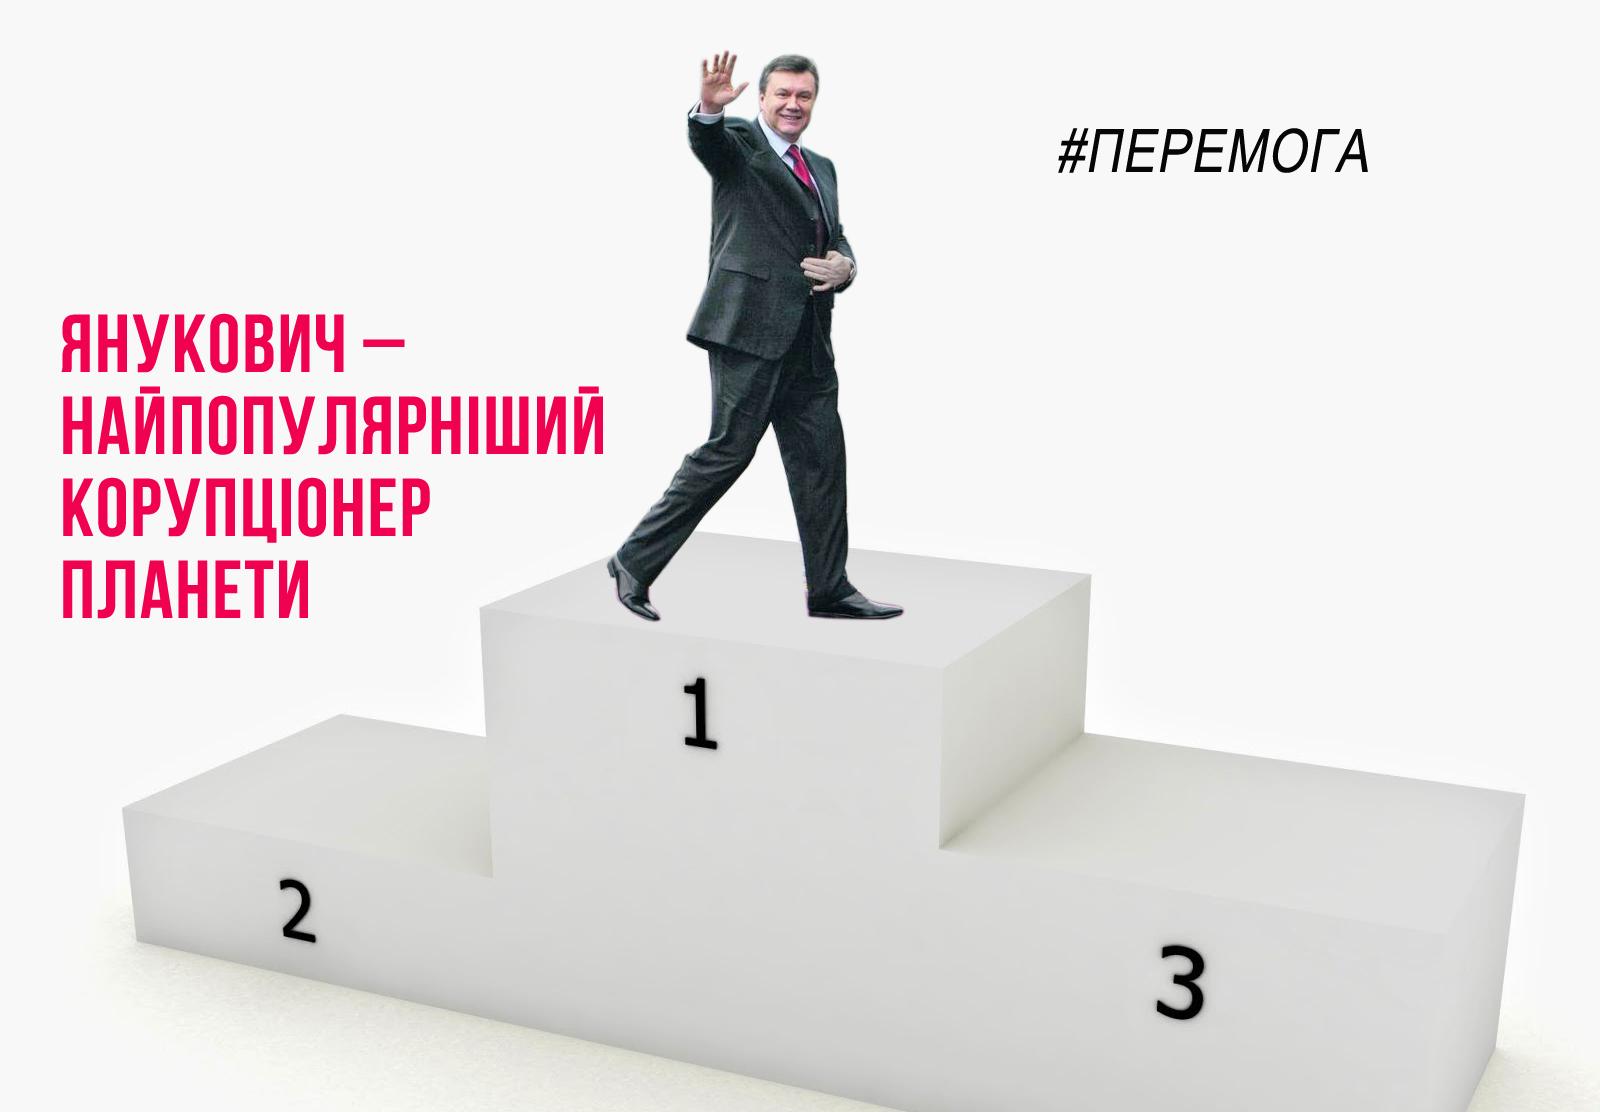 Янукович — крупнейший коррупционер в мире